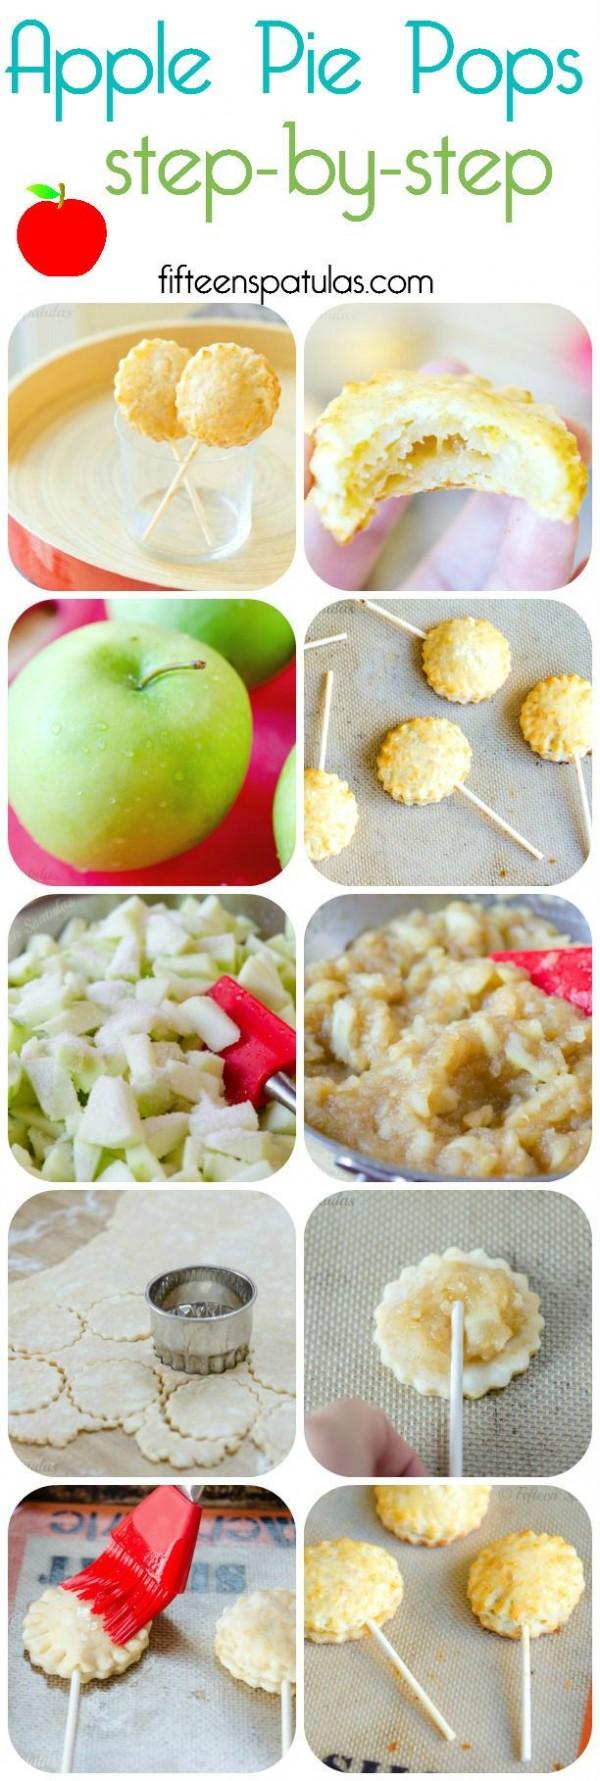 manzana pops